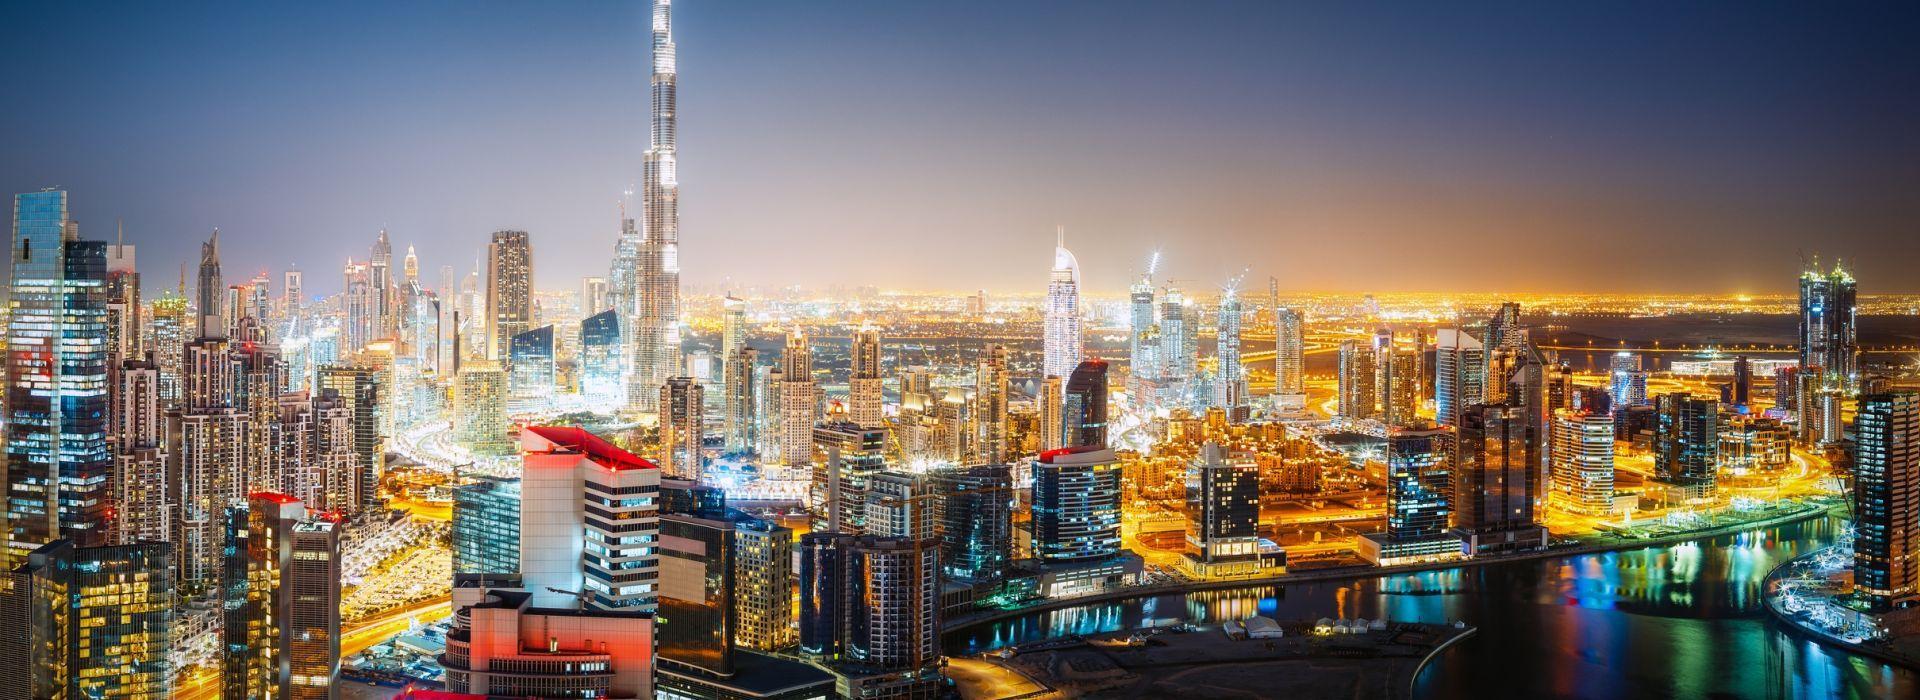 Natural landmarks sightseeing Tours in UAE